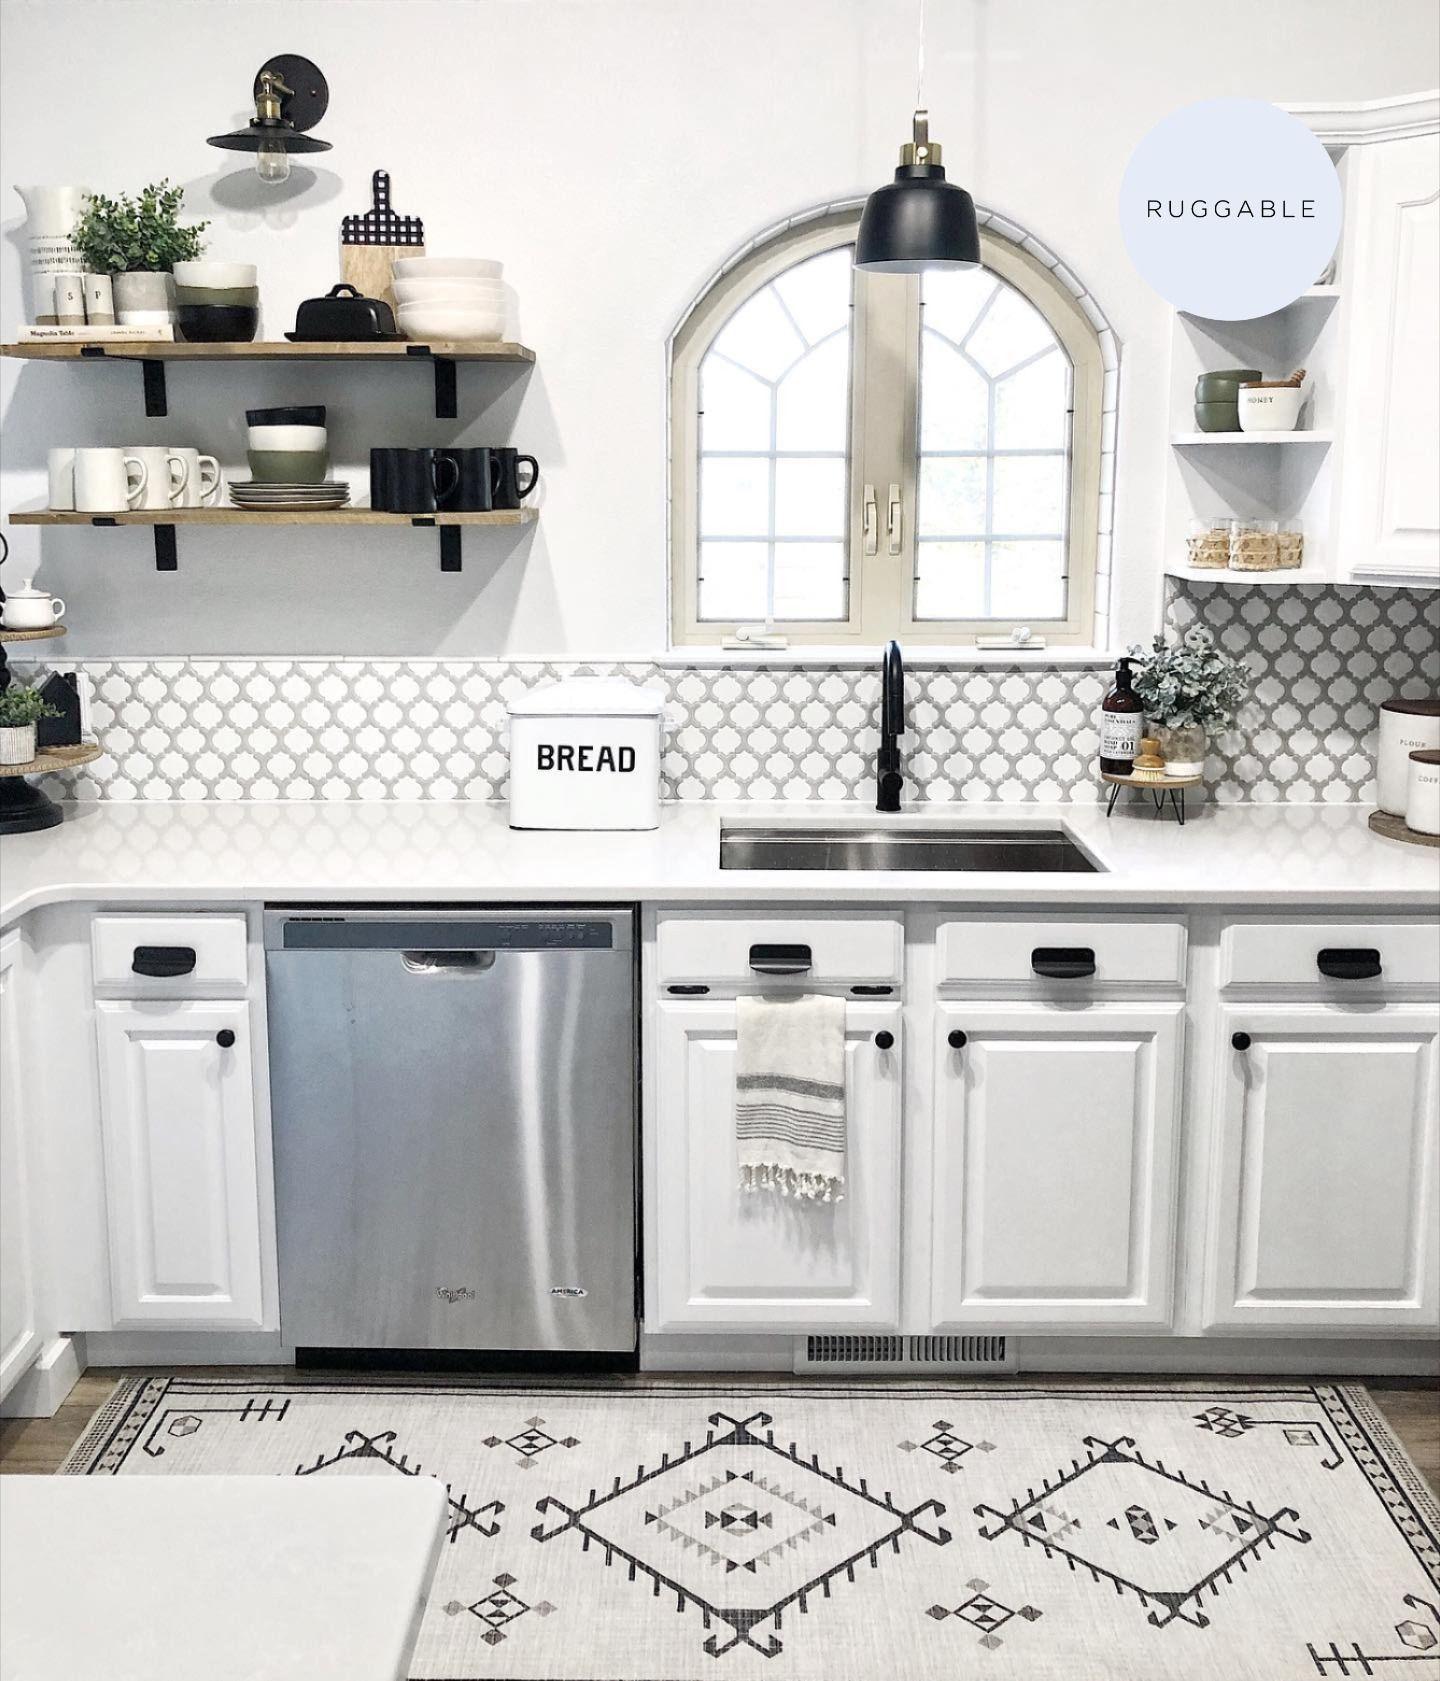 Black And White Kitchen Inspiration White Kitchen Inspiration Kitchen Inspirations Black White Rug